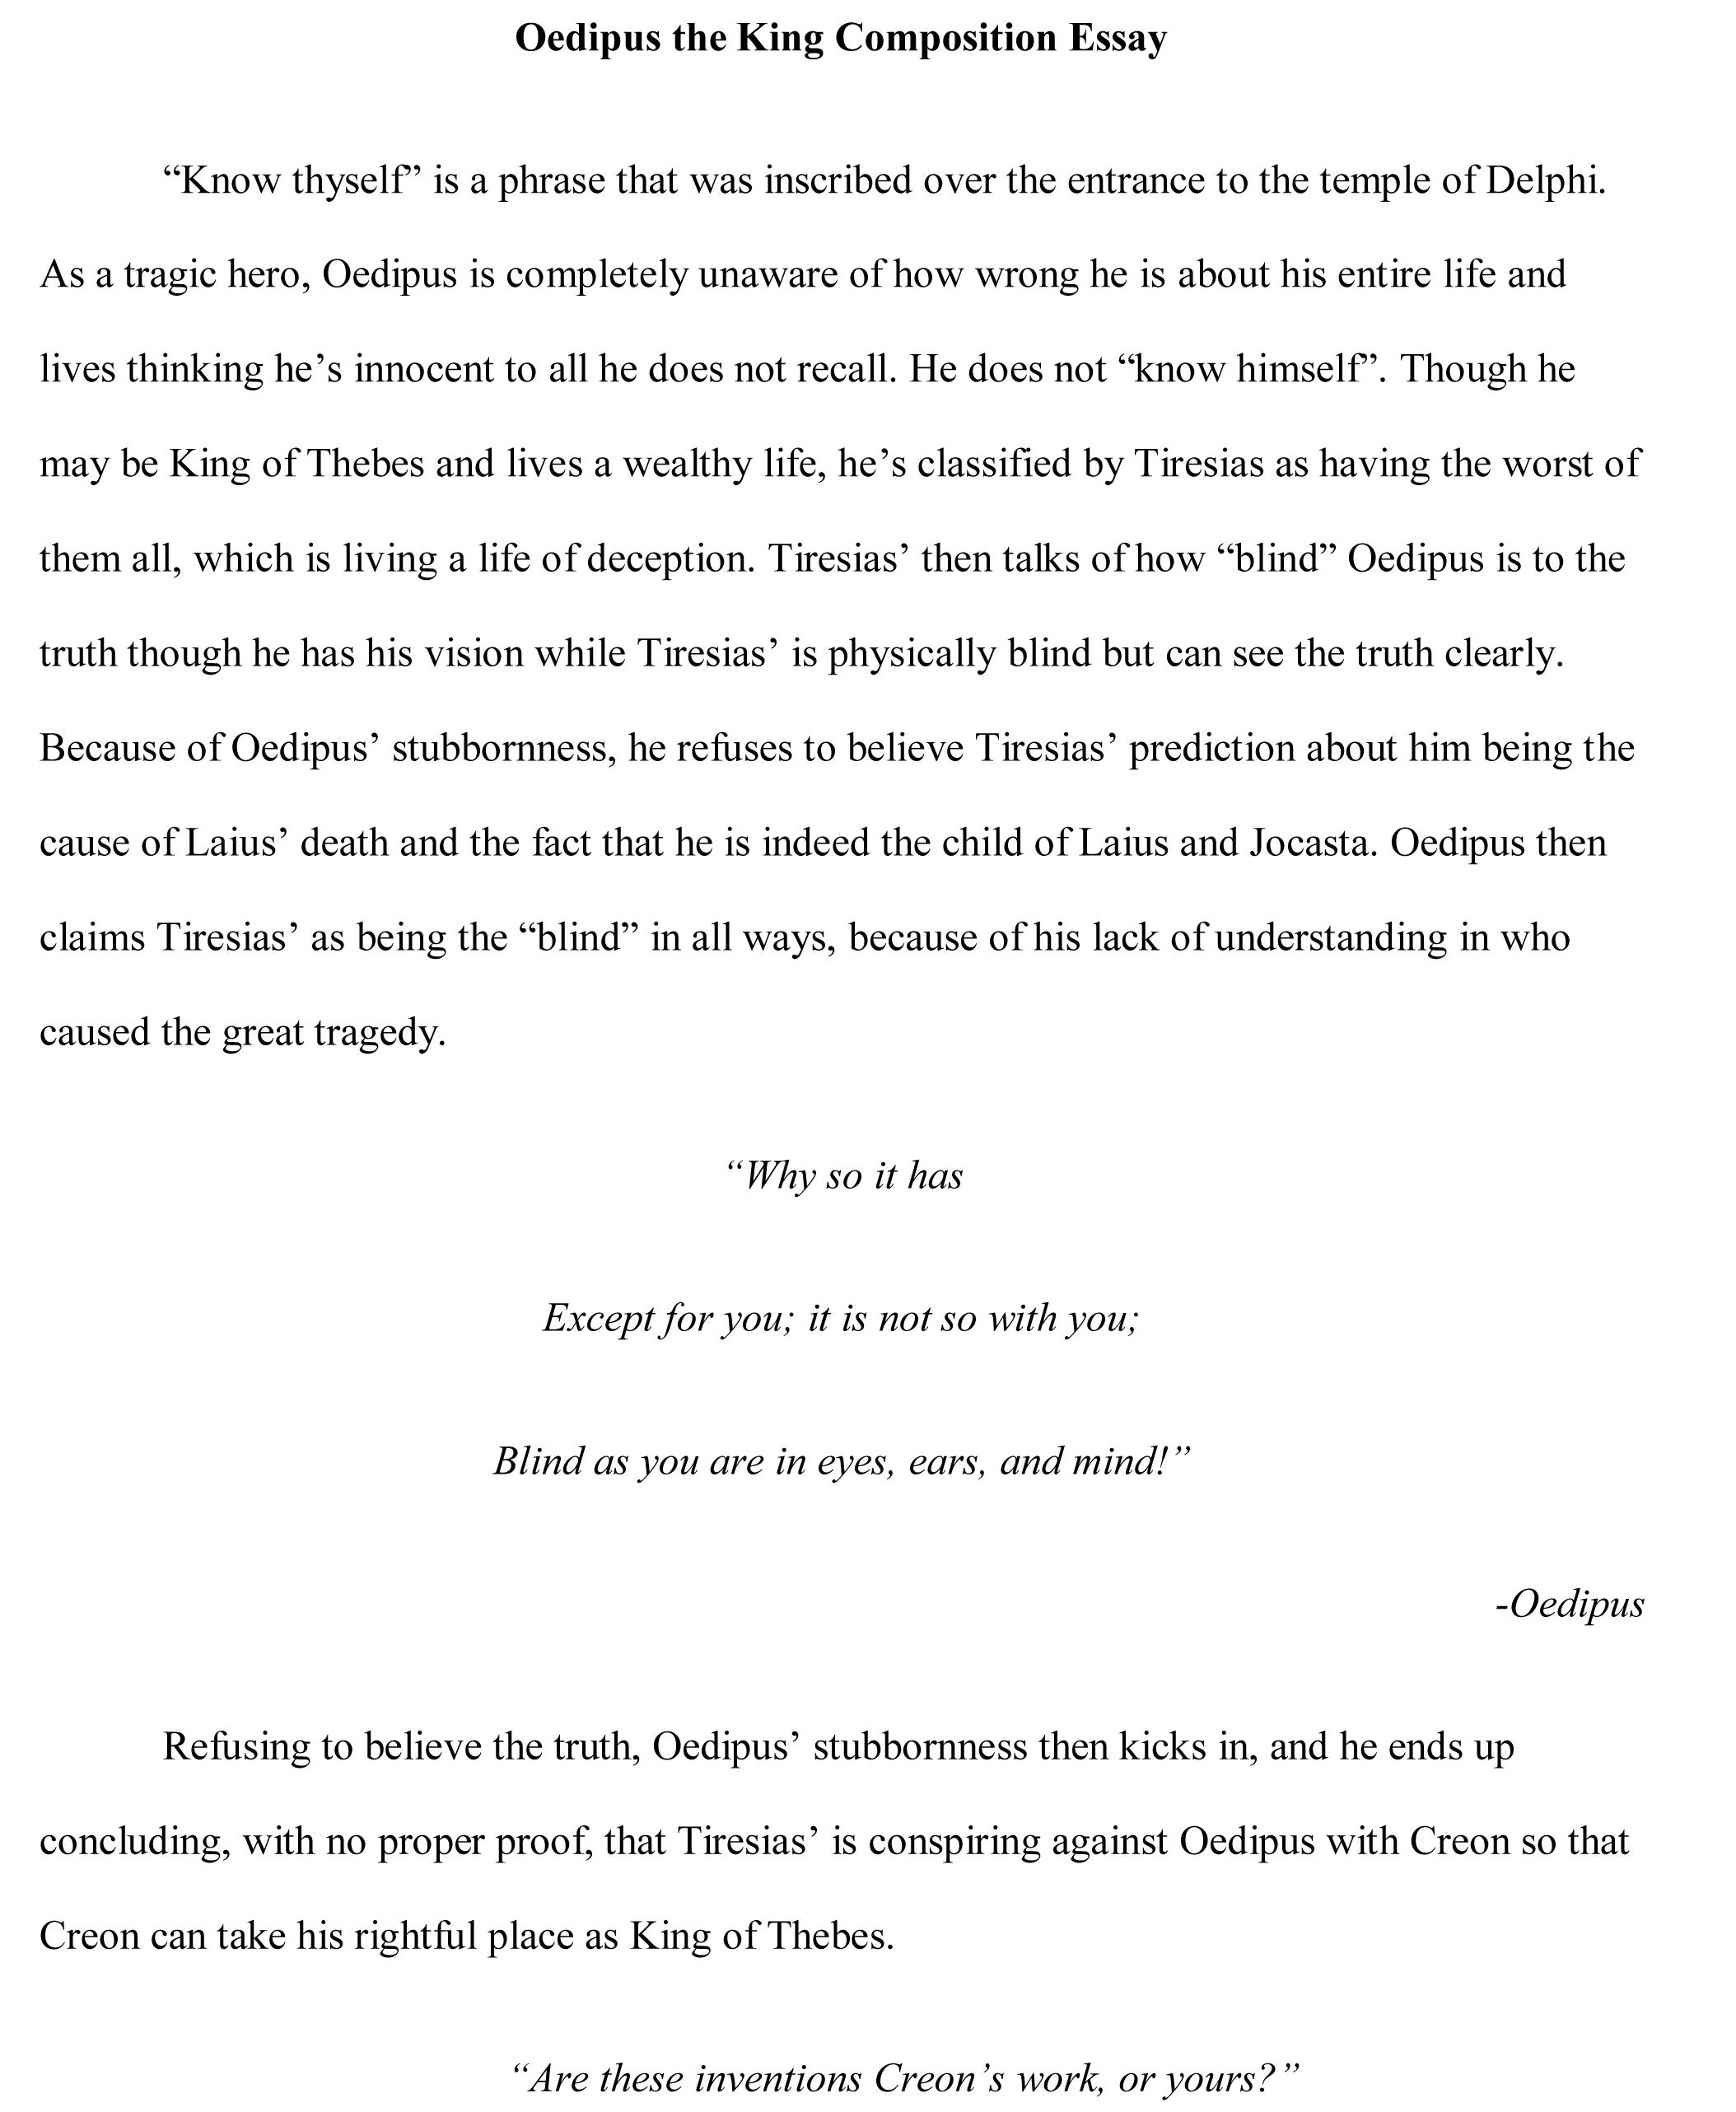 005 If I Were Blind Essay Example Oedipus Free Singular Full